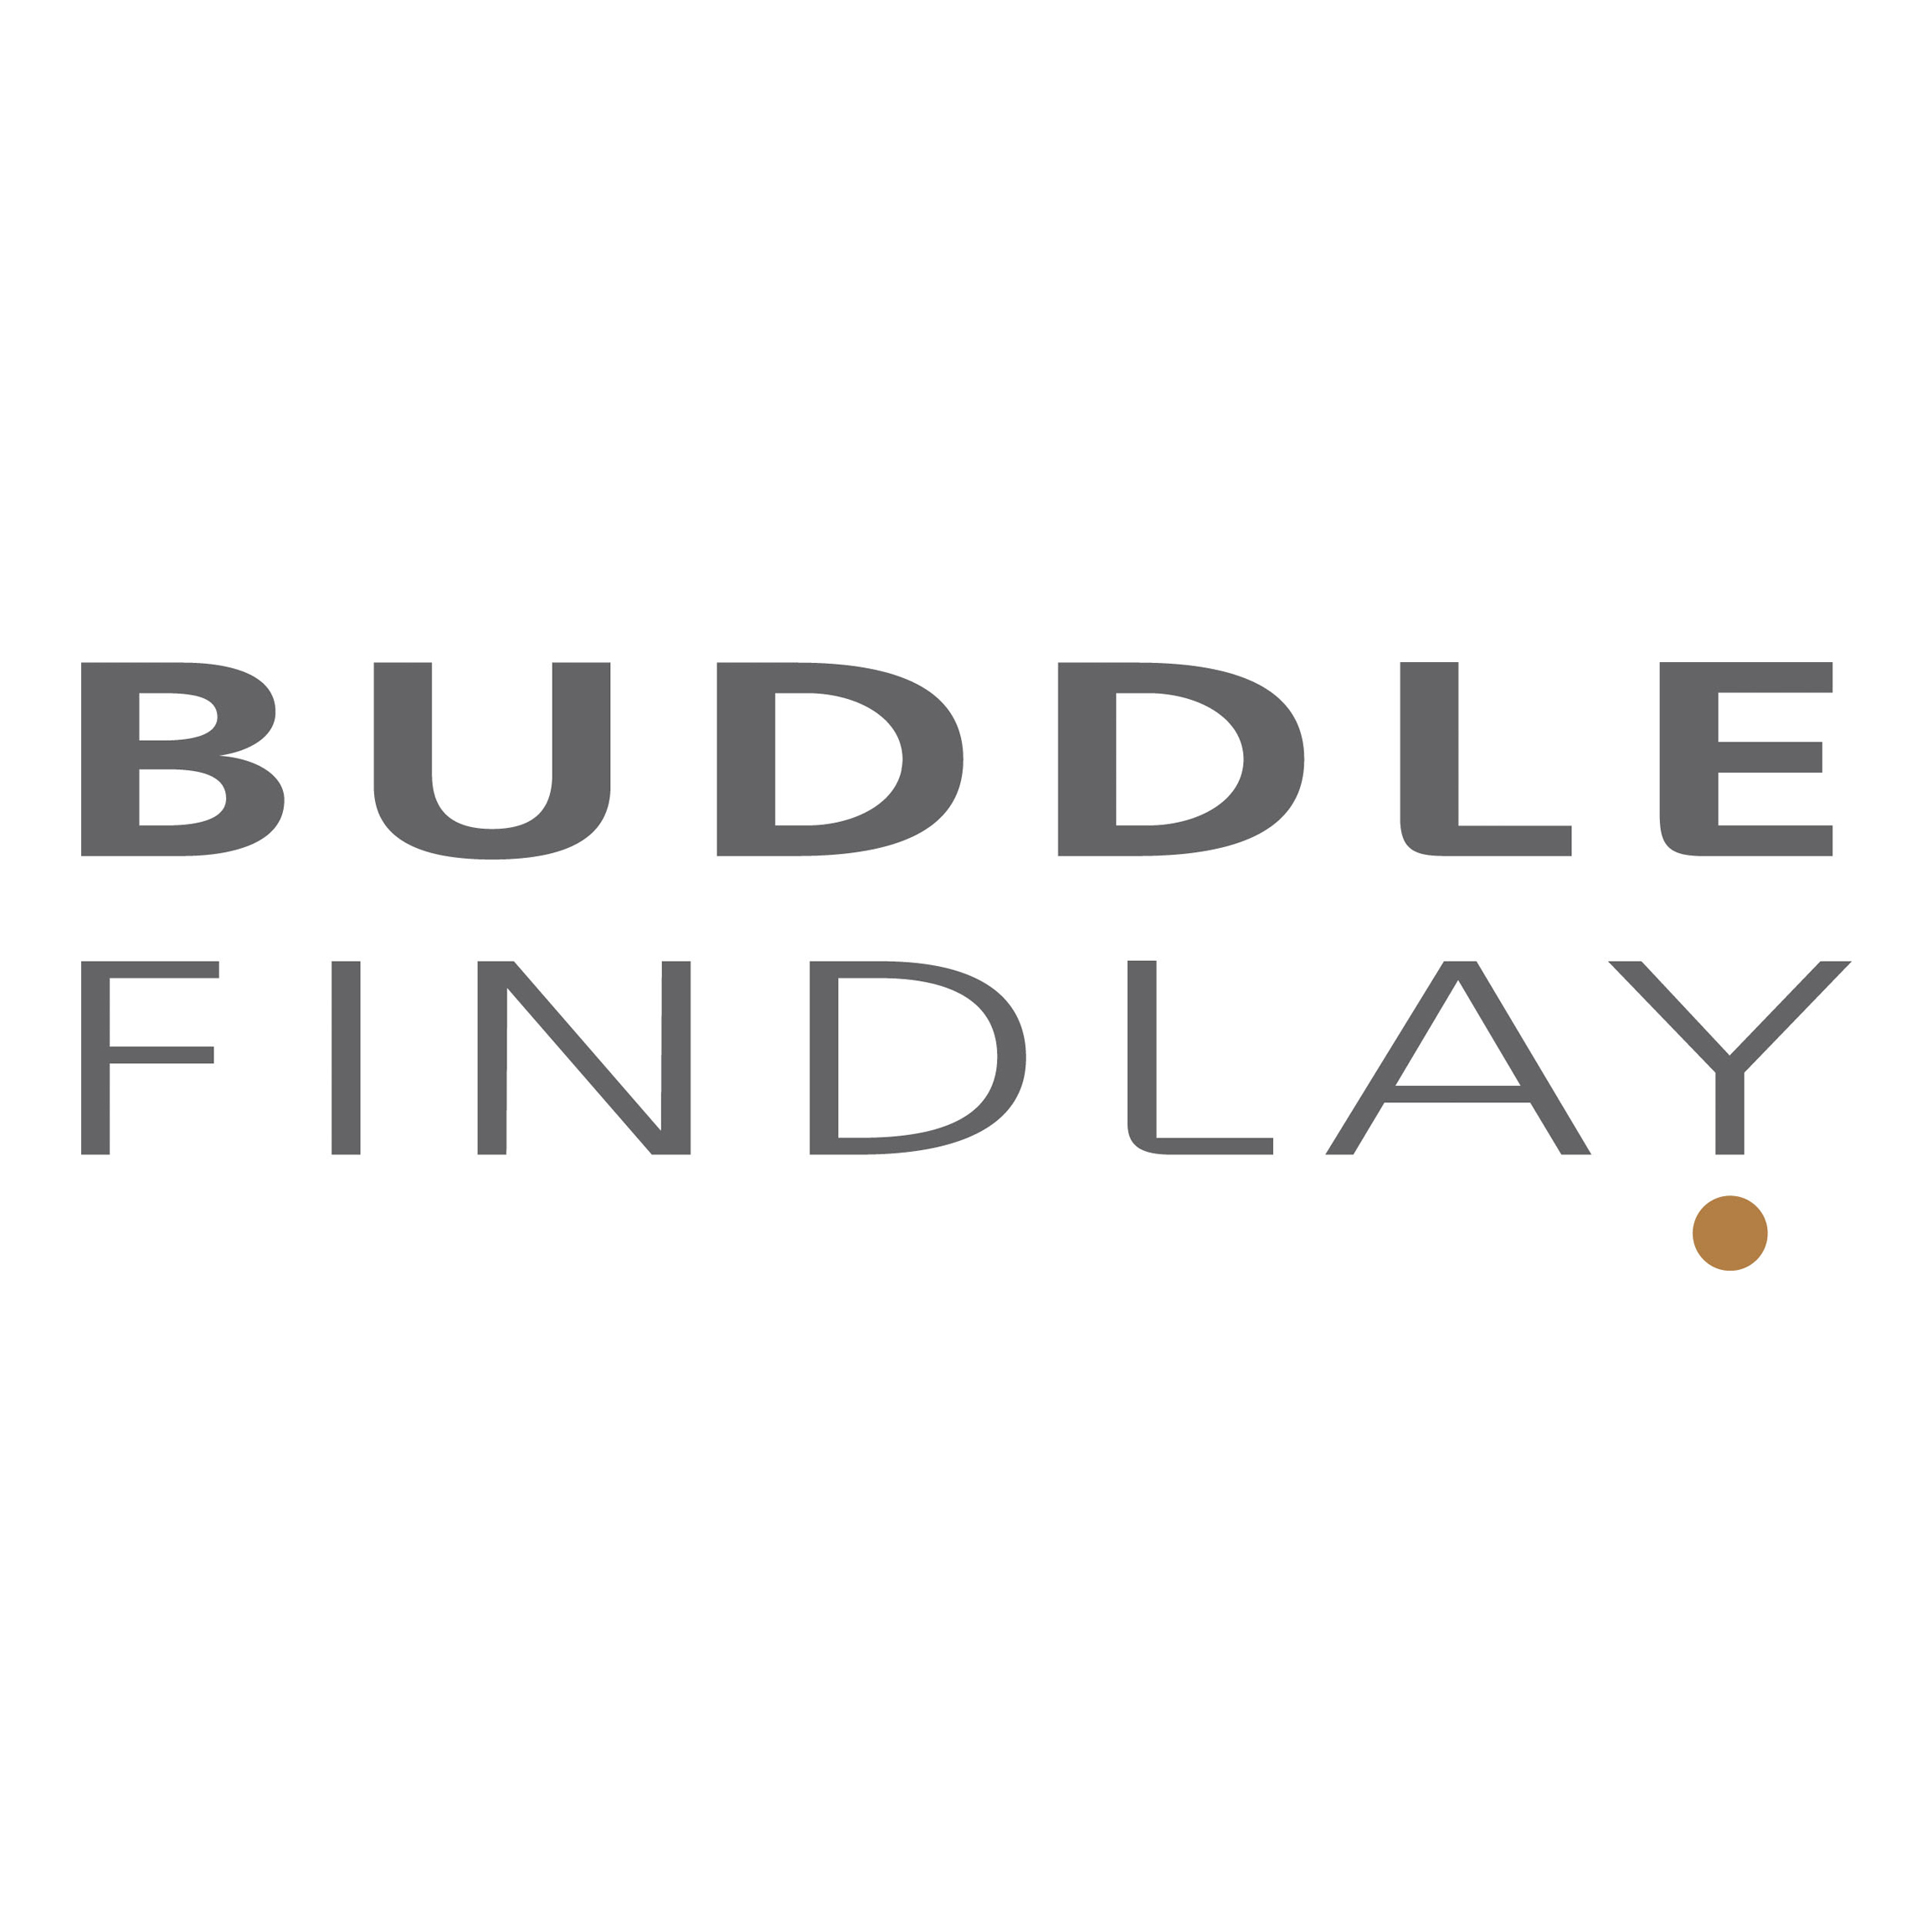 buddle.png